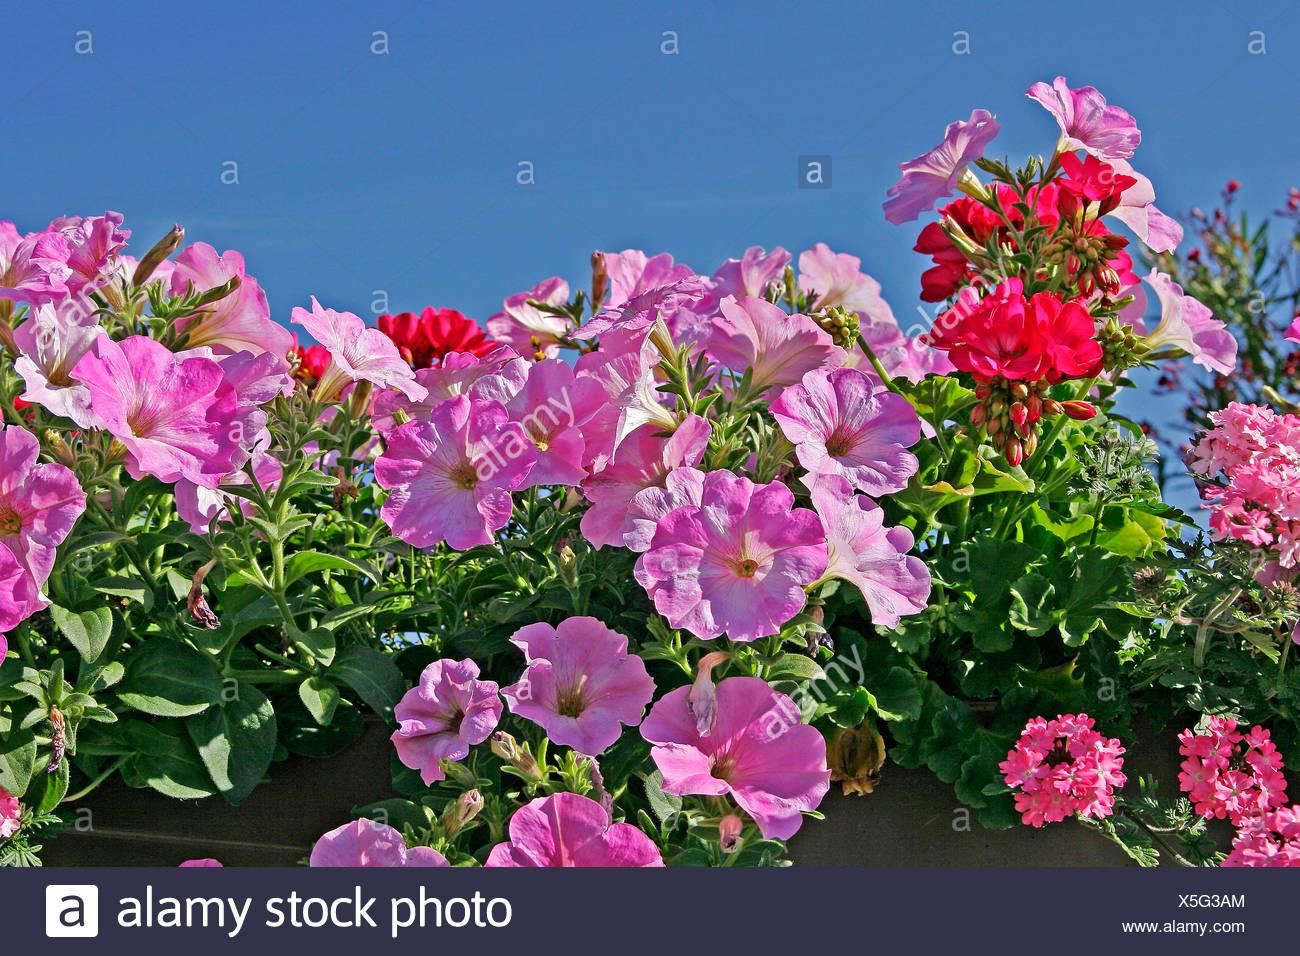 blume blumen pflanzen zierpflanzen teppich von blumen petunien